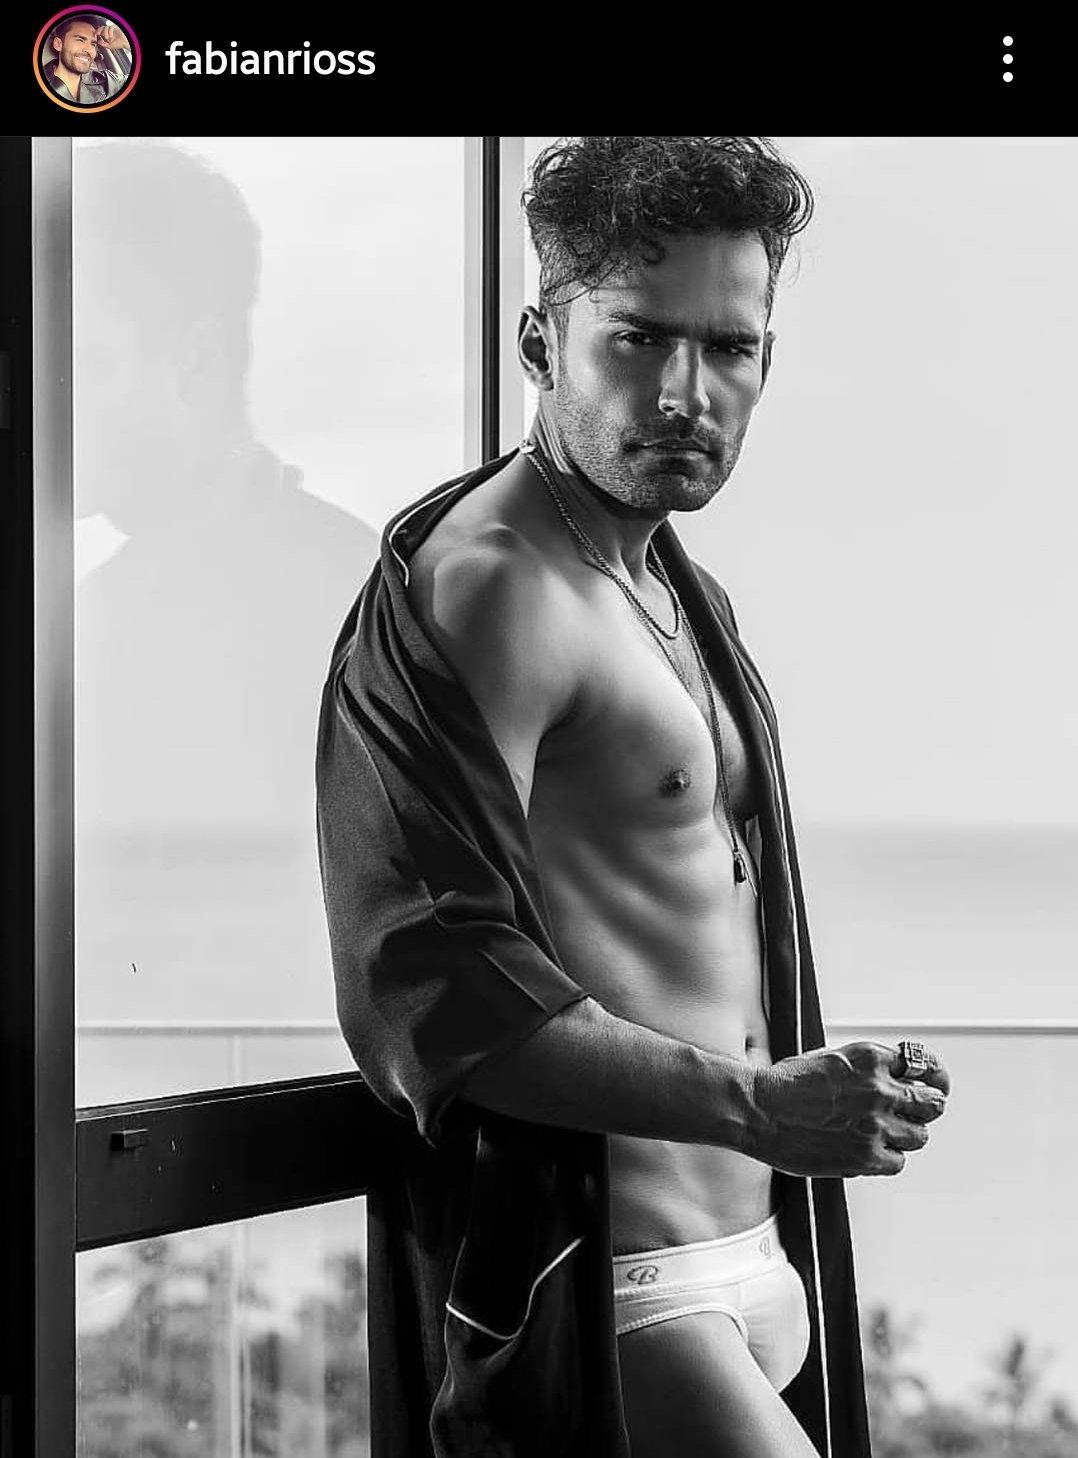 en calzoncillos actor colombiano